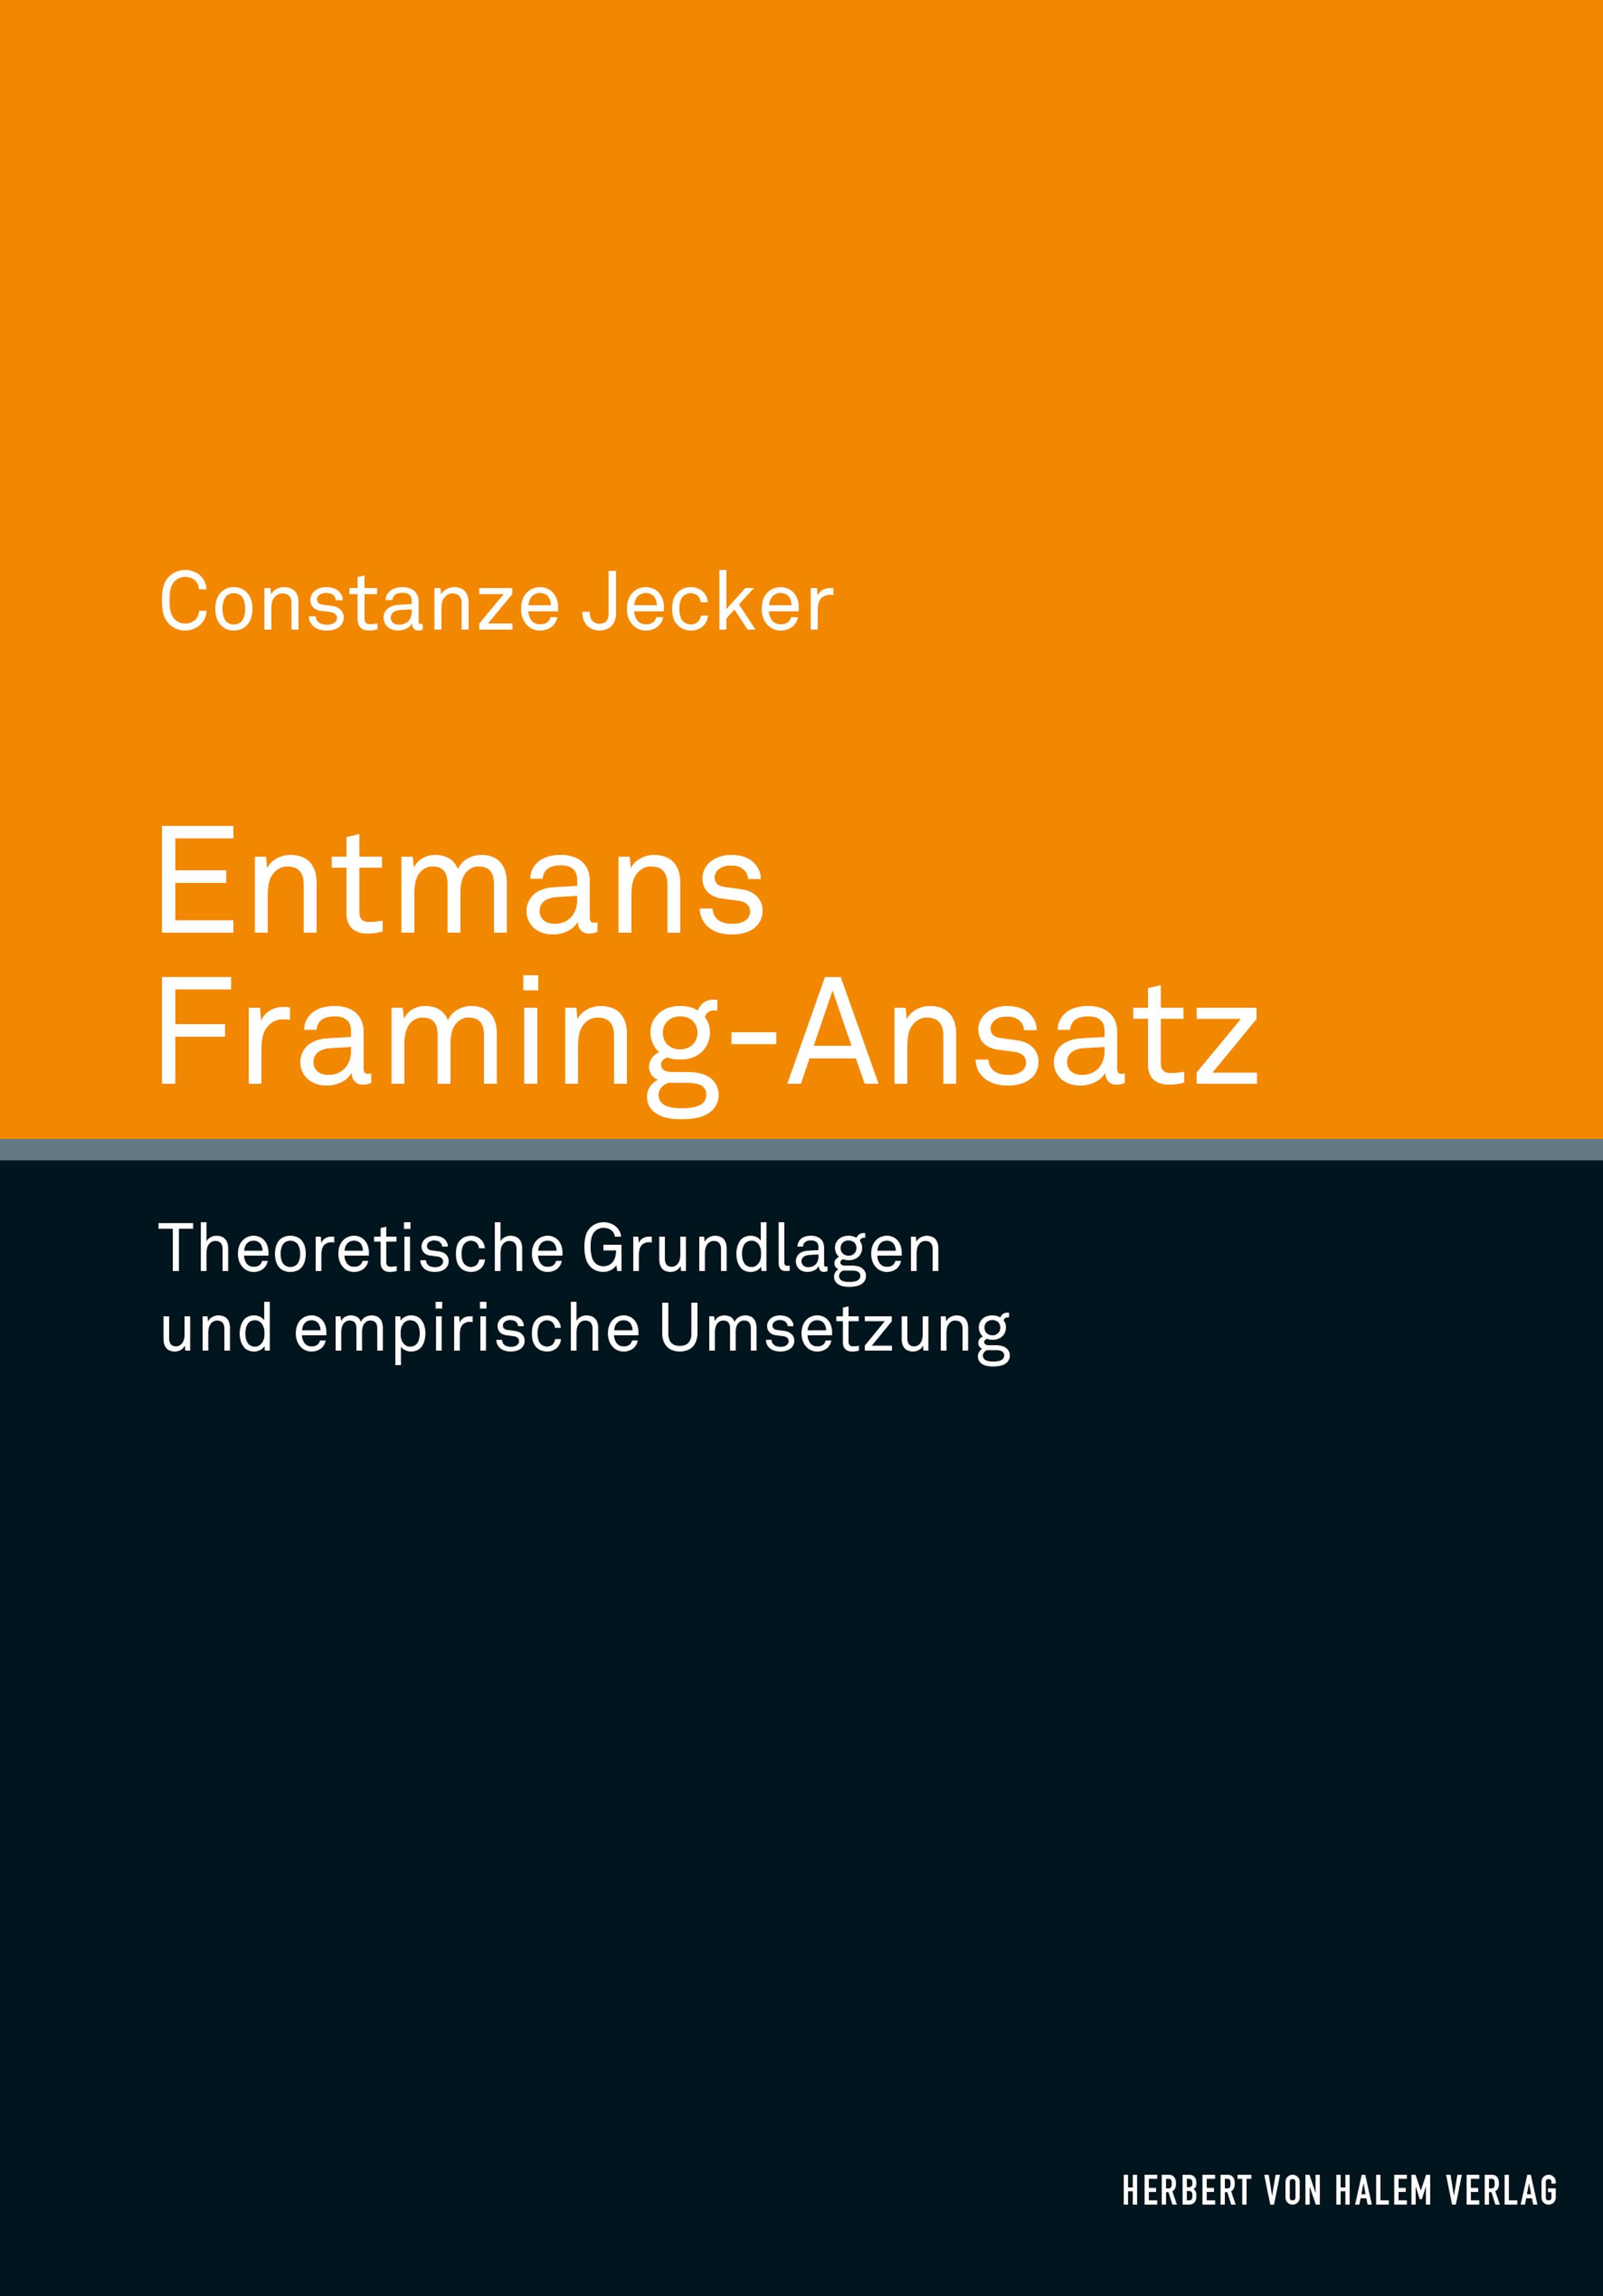 Entmans Framing-Ansatz von Jecker, Constanze: Theoretische Grundlegung